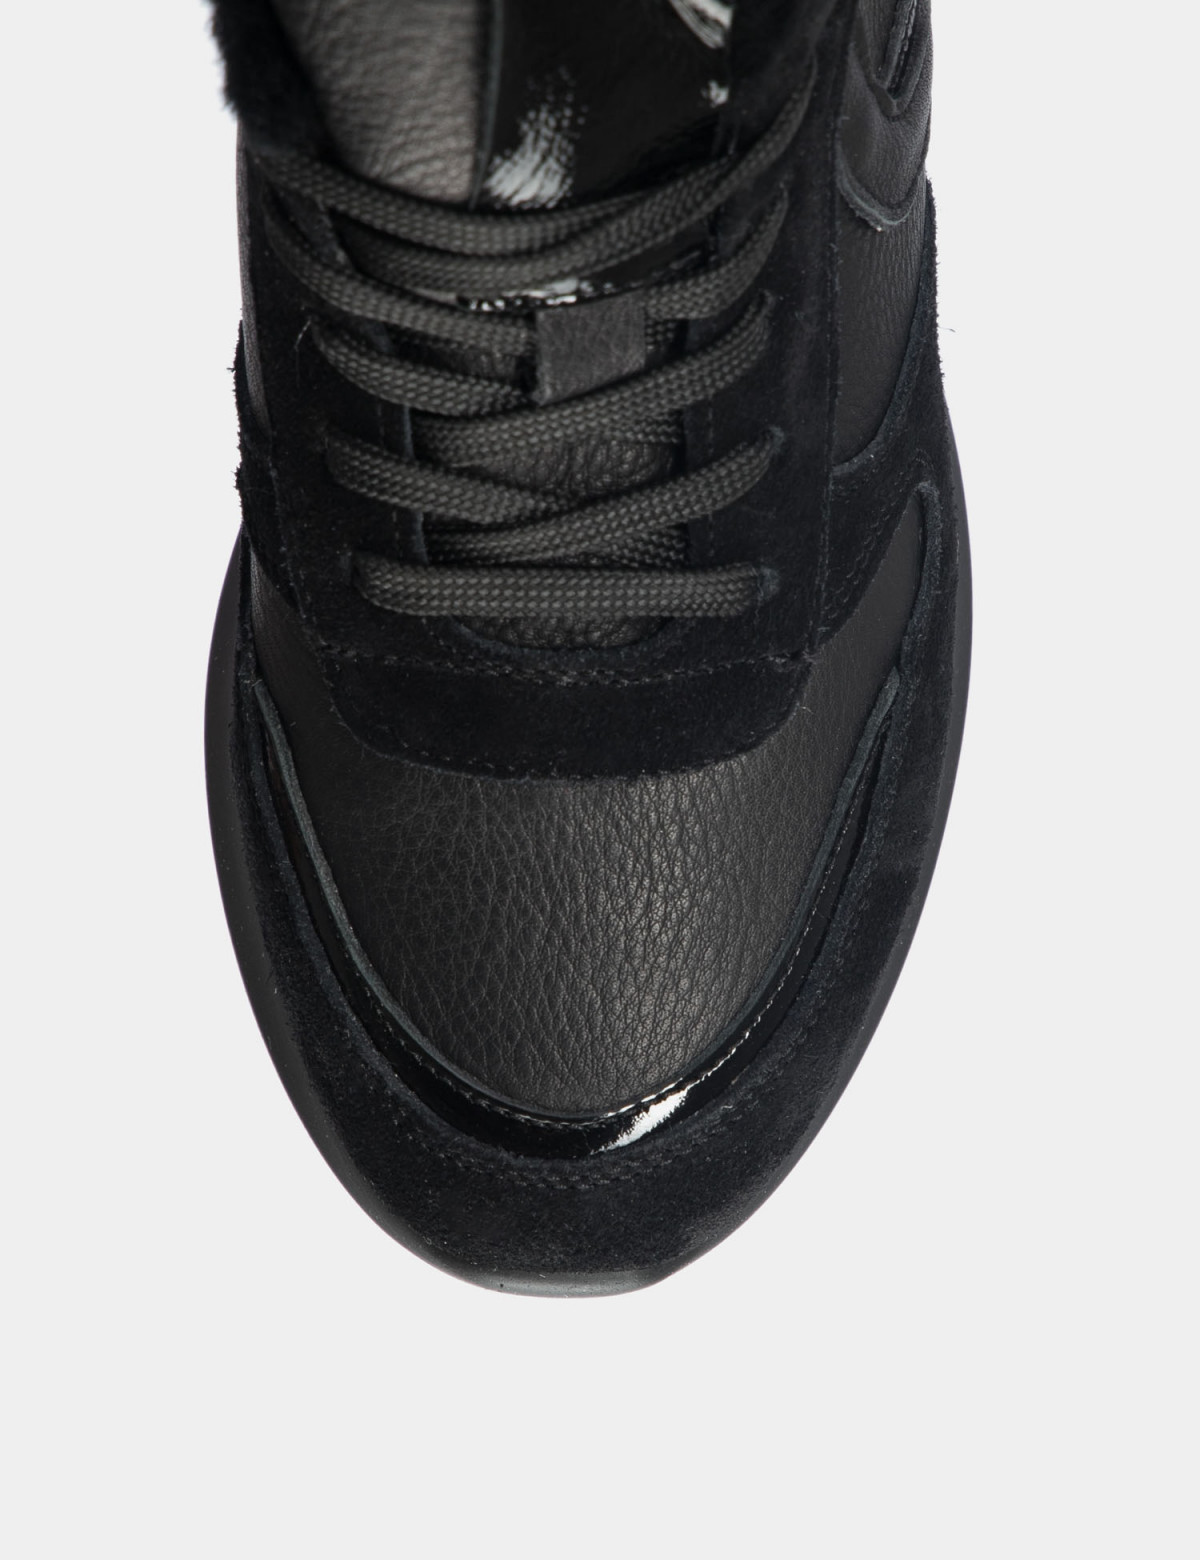 Кросівки чорні. Натуральна шкіра/замша. Вовна3